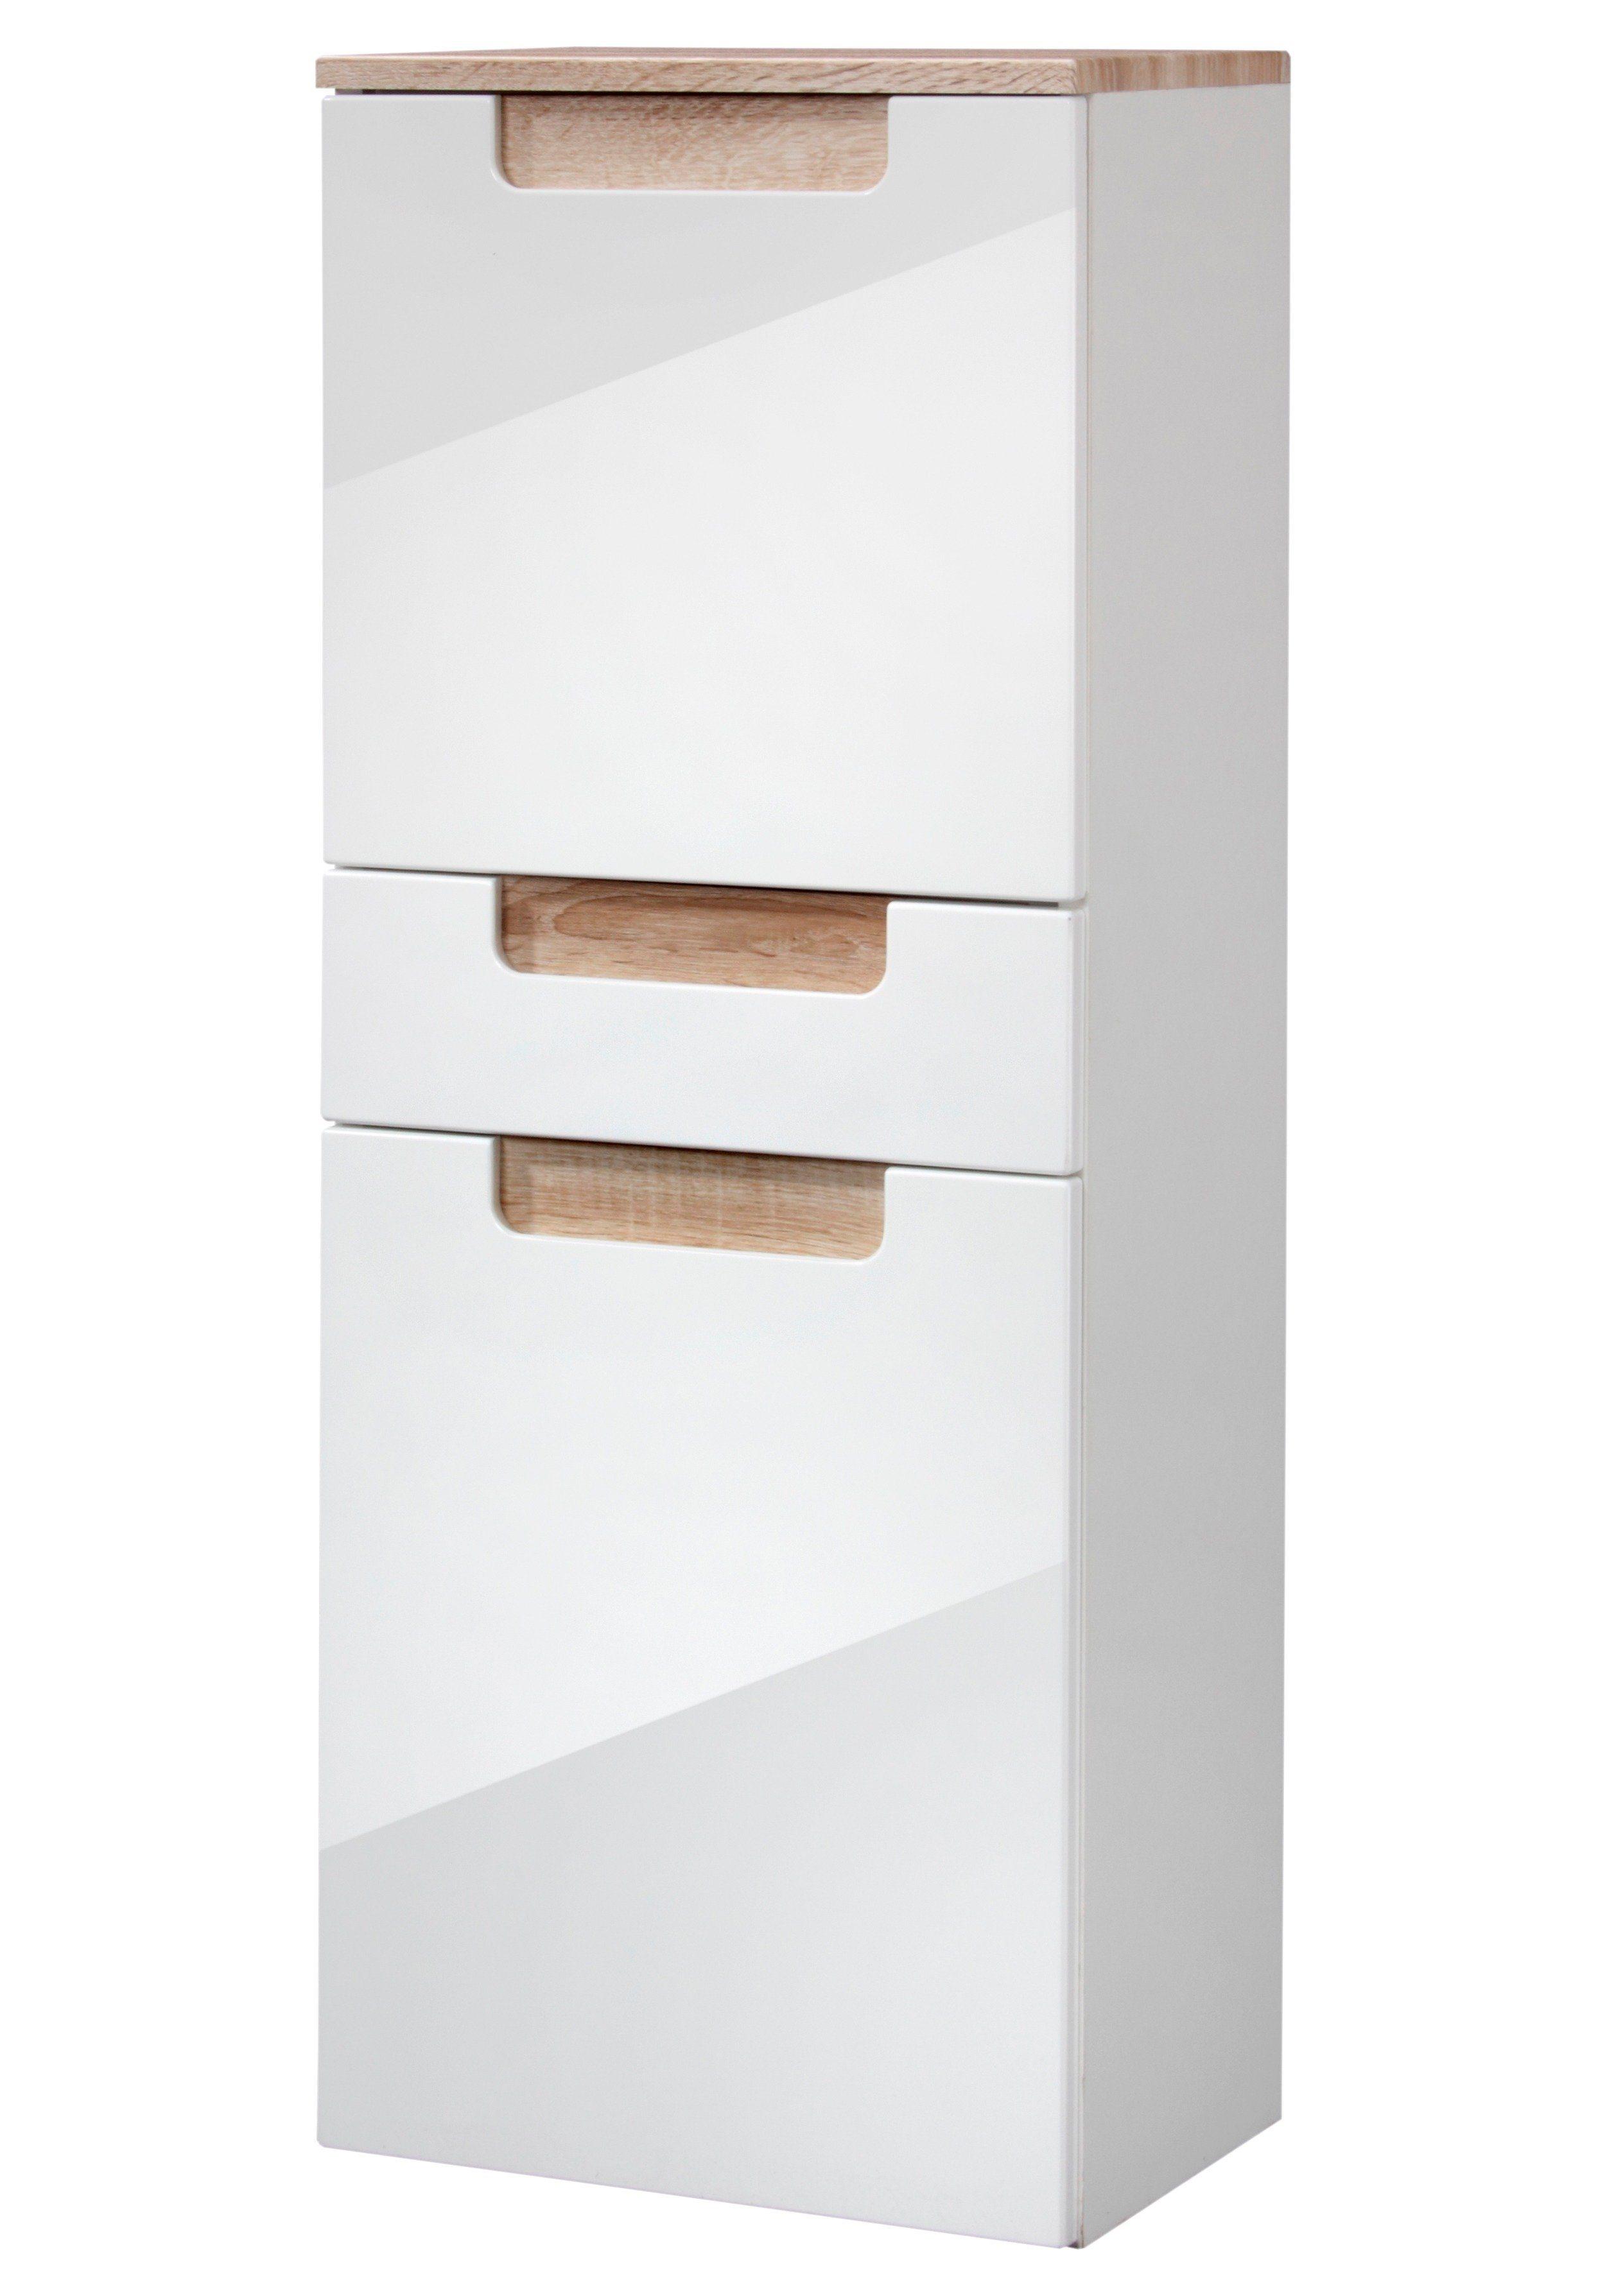 Akazienholz Badezimmerschränke online kaufen   Möbel-Suchmaschine ...